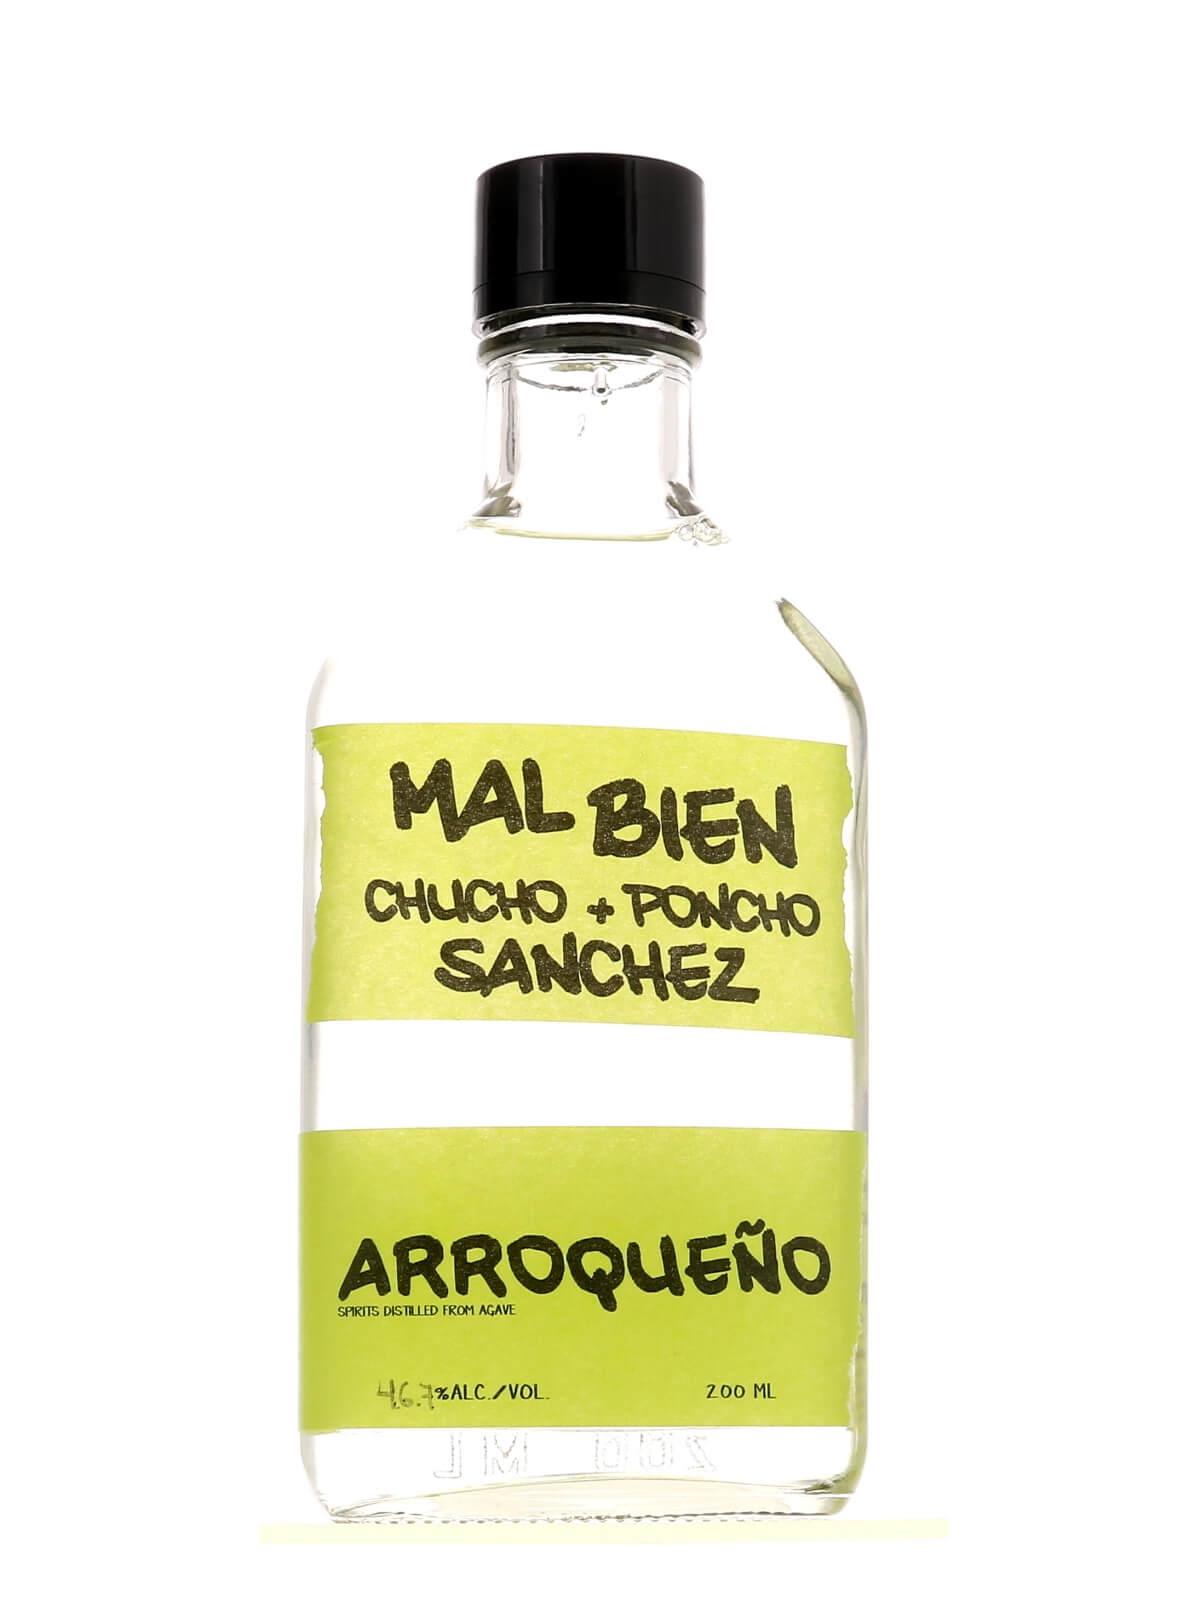 Mal Bien Arroqueño 200ml bottle from Agave Mixtape